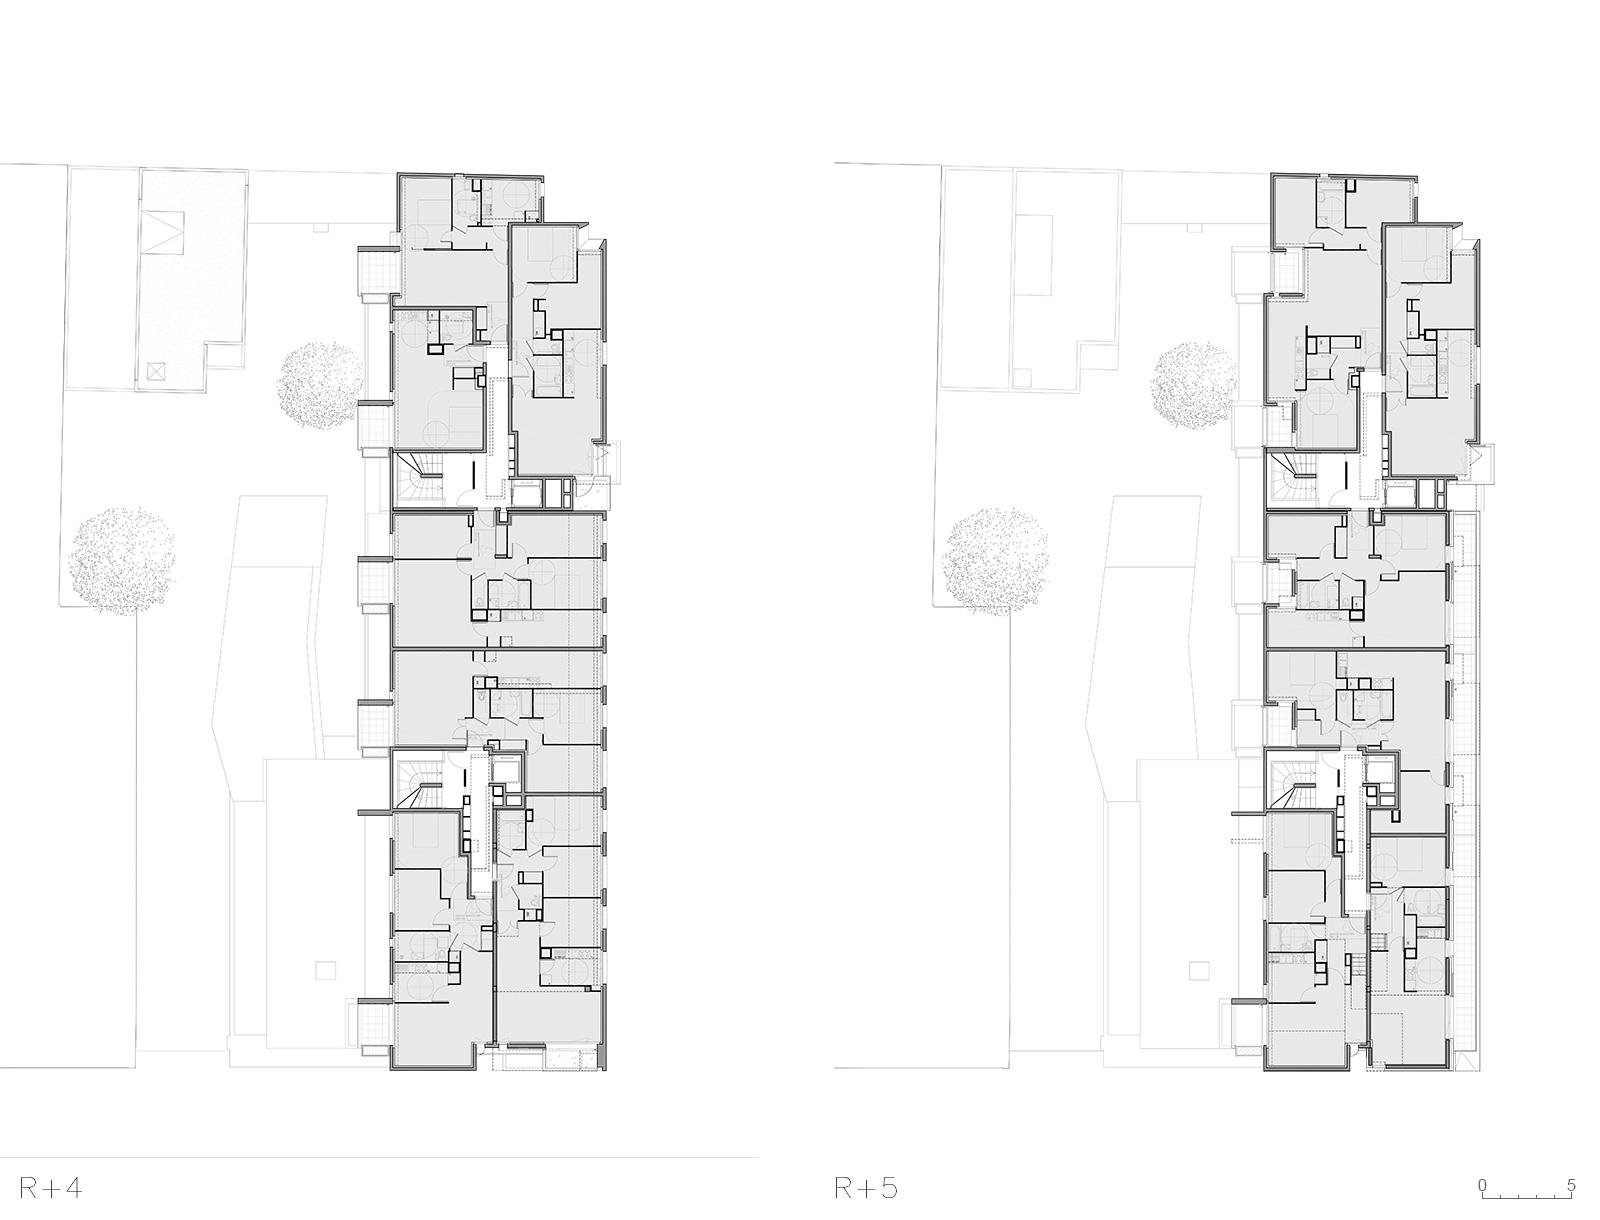 03-germe-et-jam-RJC-rennes-immeuble-cartier-plan-R+4-R+5